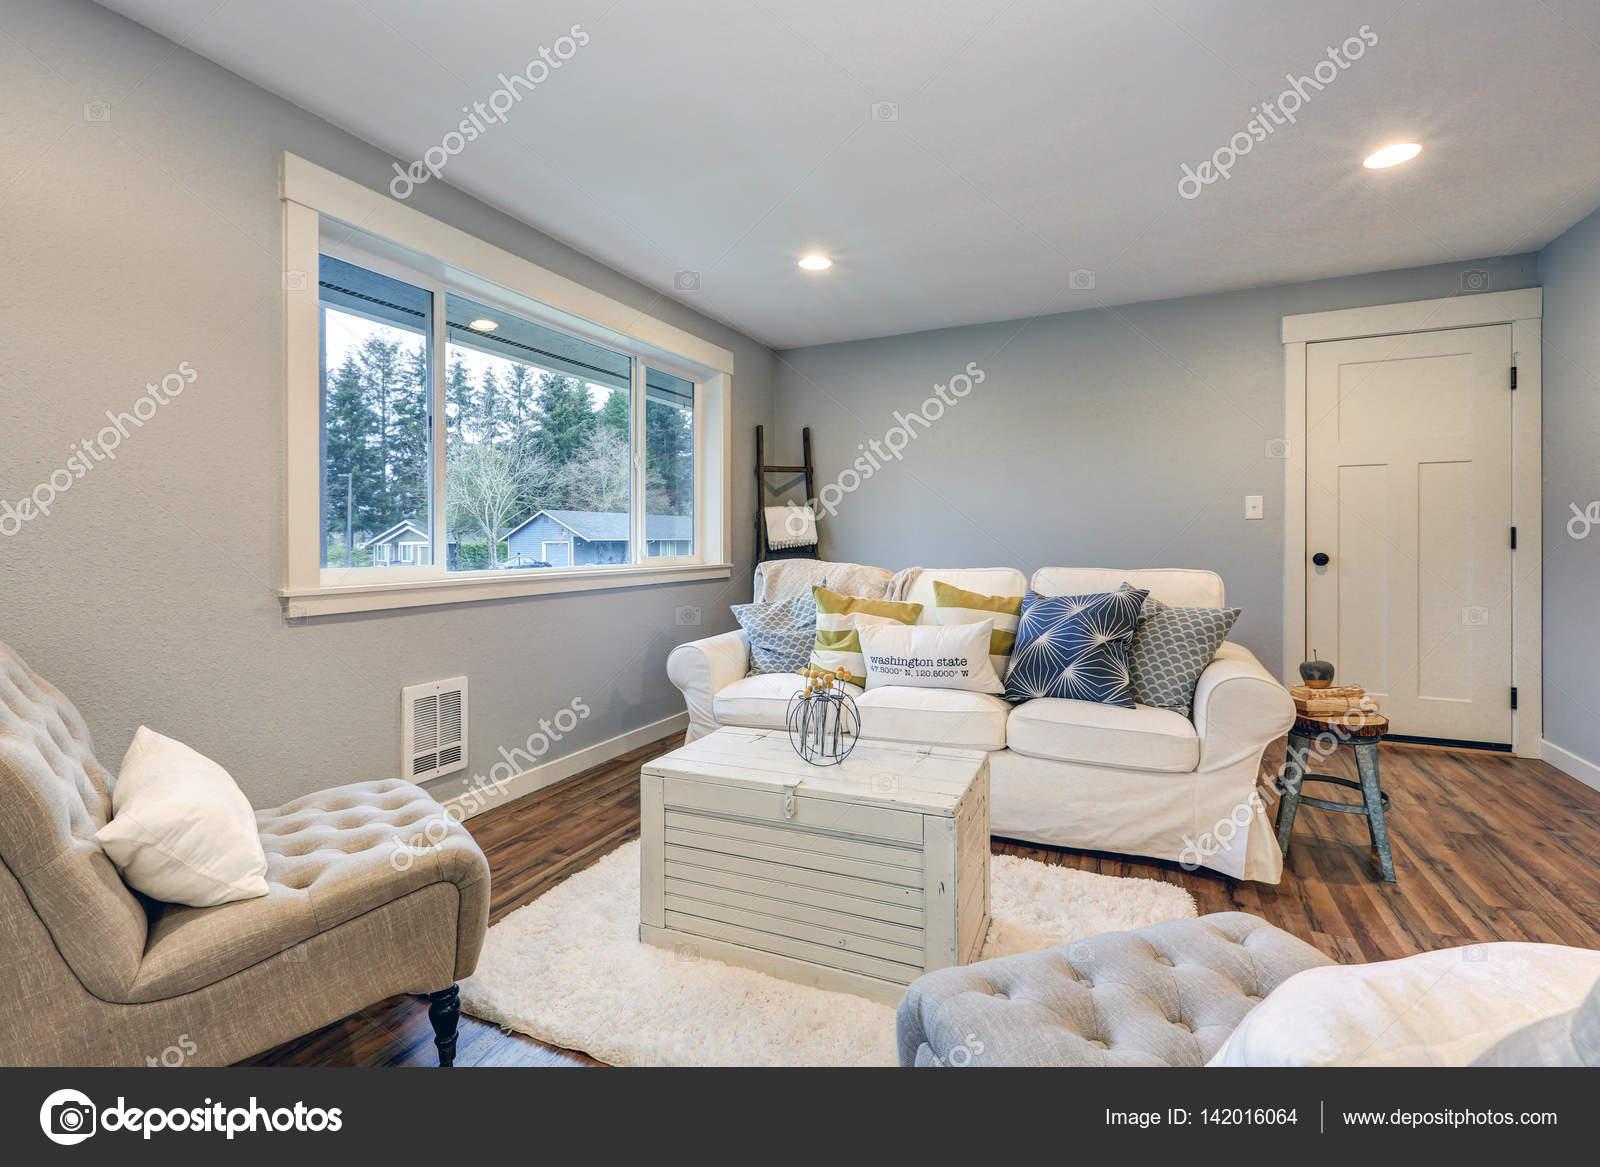 Pareti Soggiorno Grigio E Bianco : Spazio accogliente soggiorno con le pareti grigio blu morbide